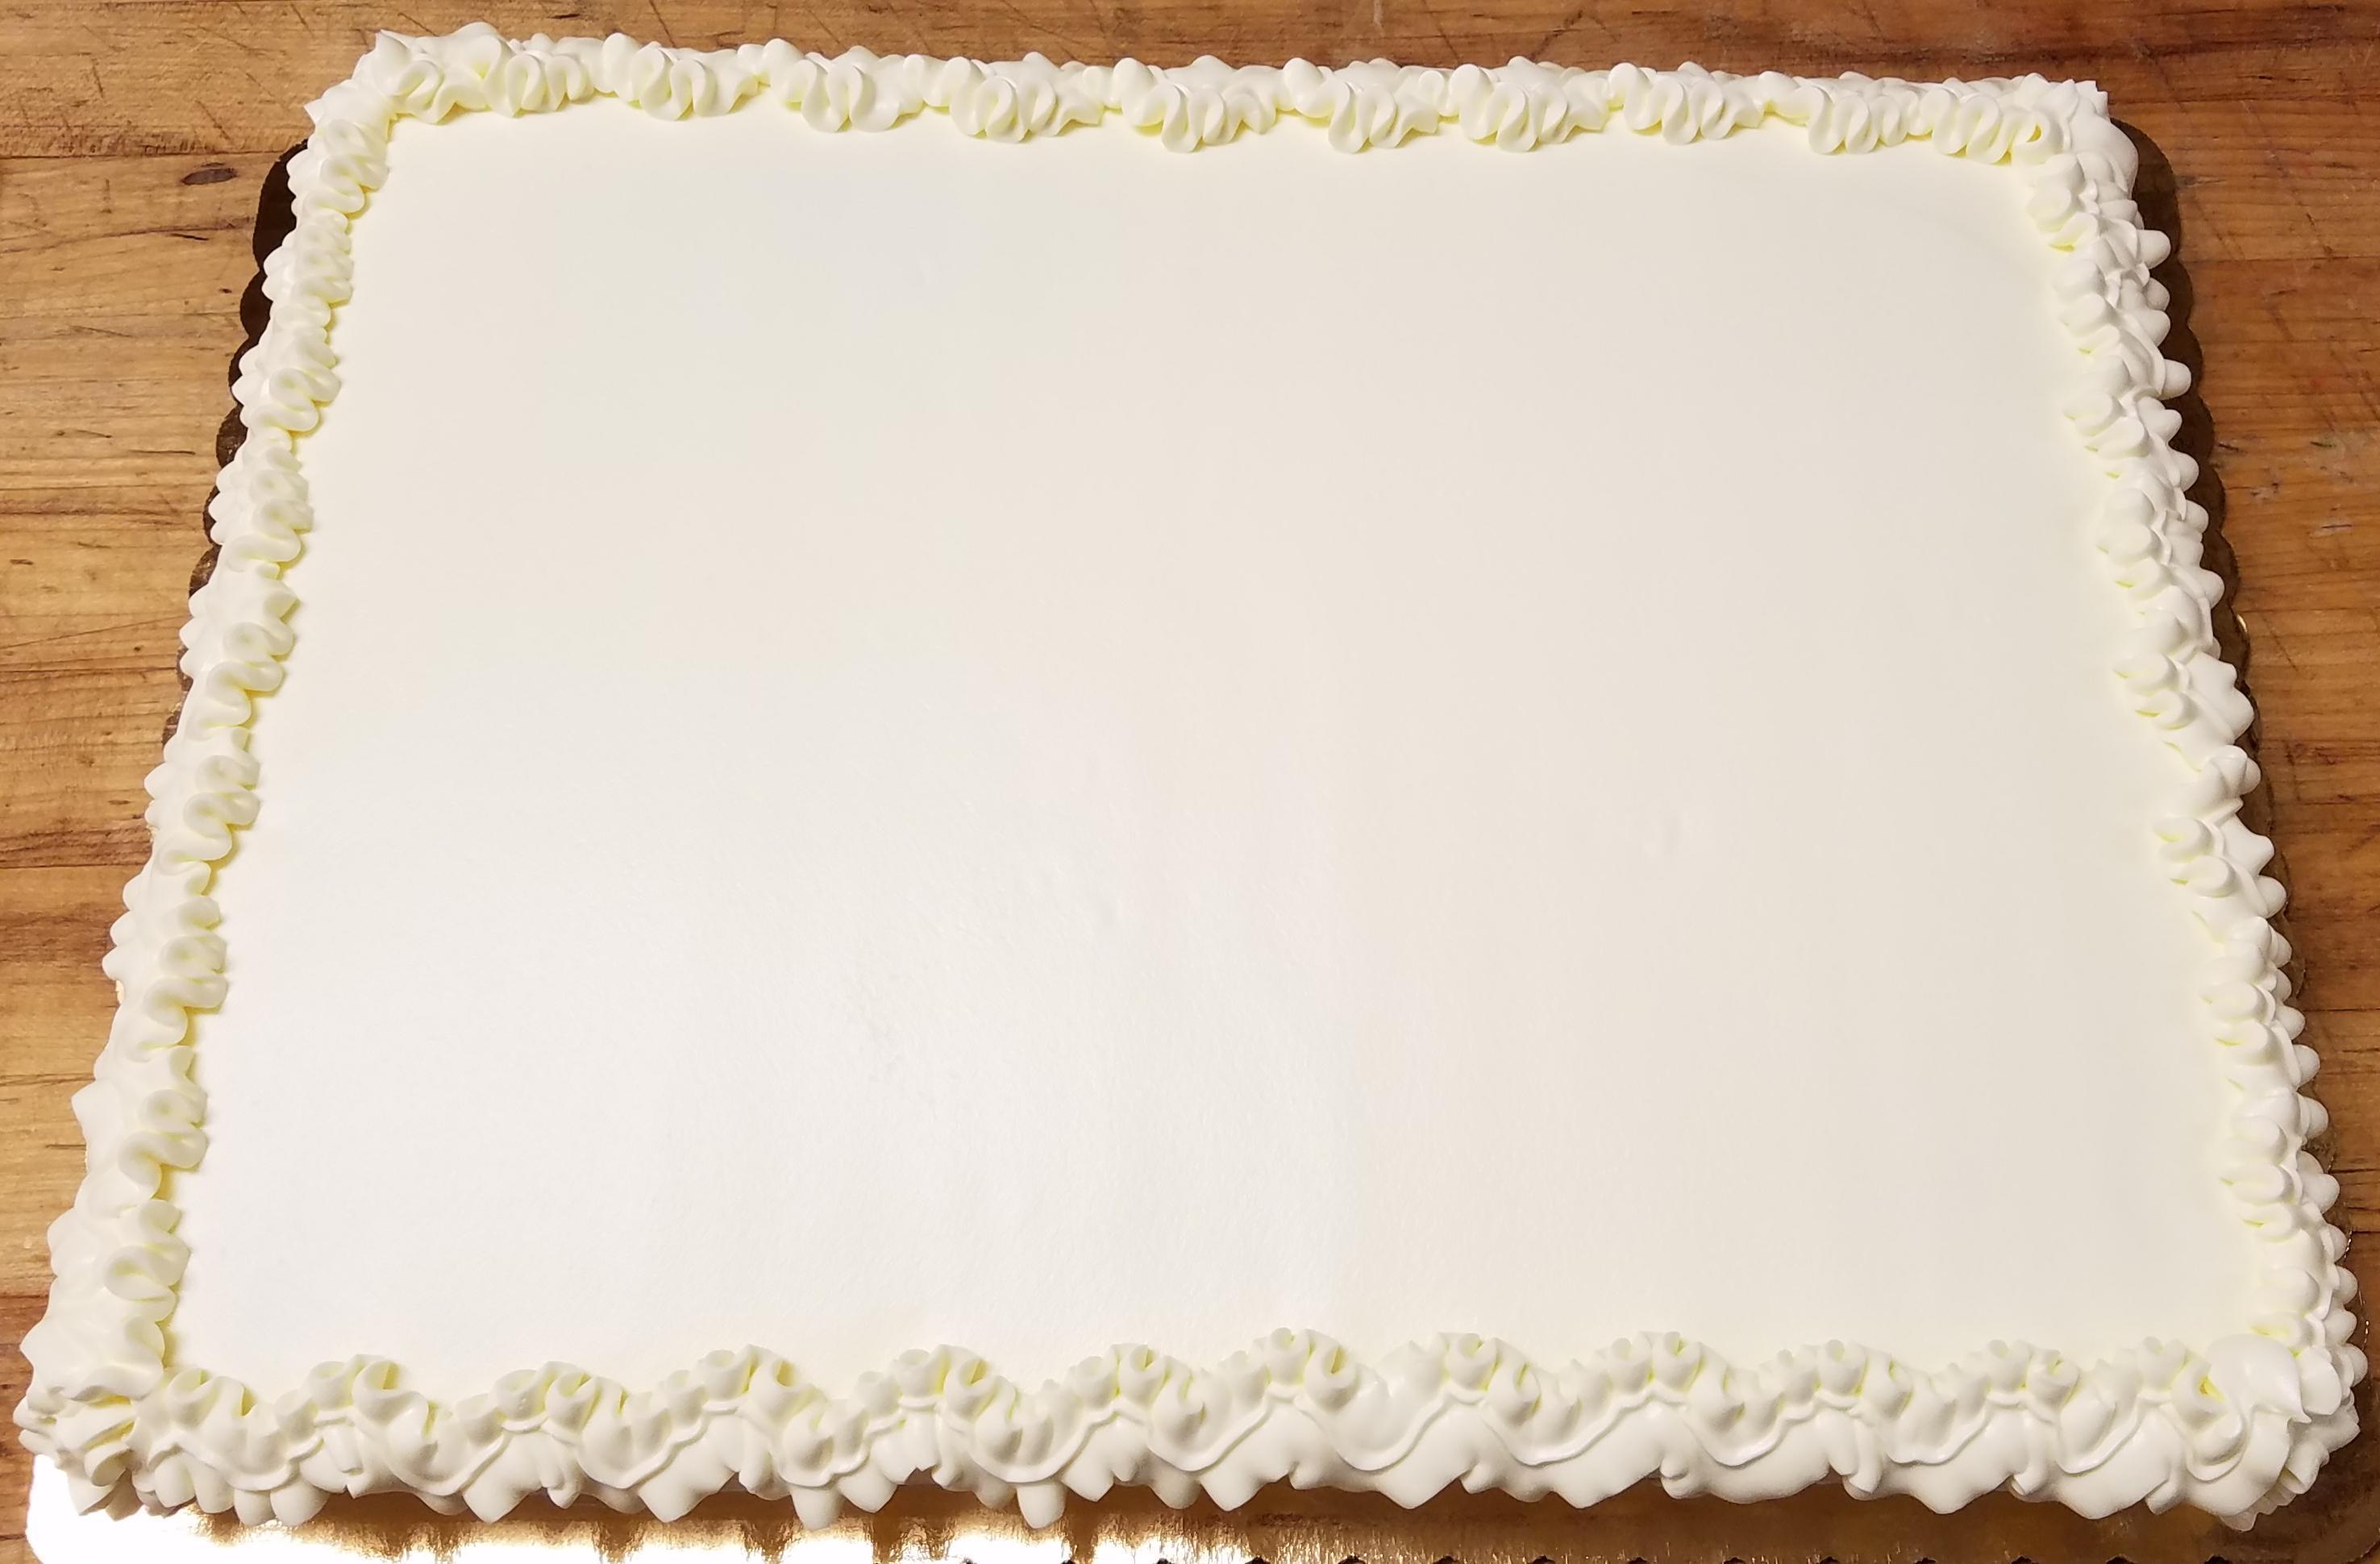 New Glarus Bakery Custom Full Sheet Cake New Glarus Bakery